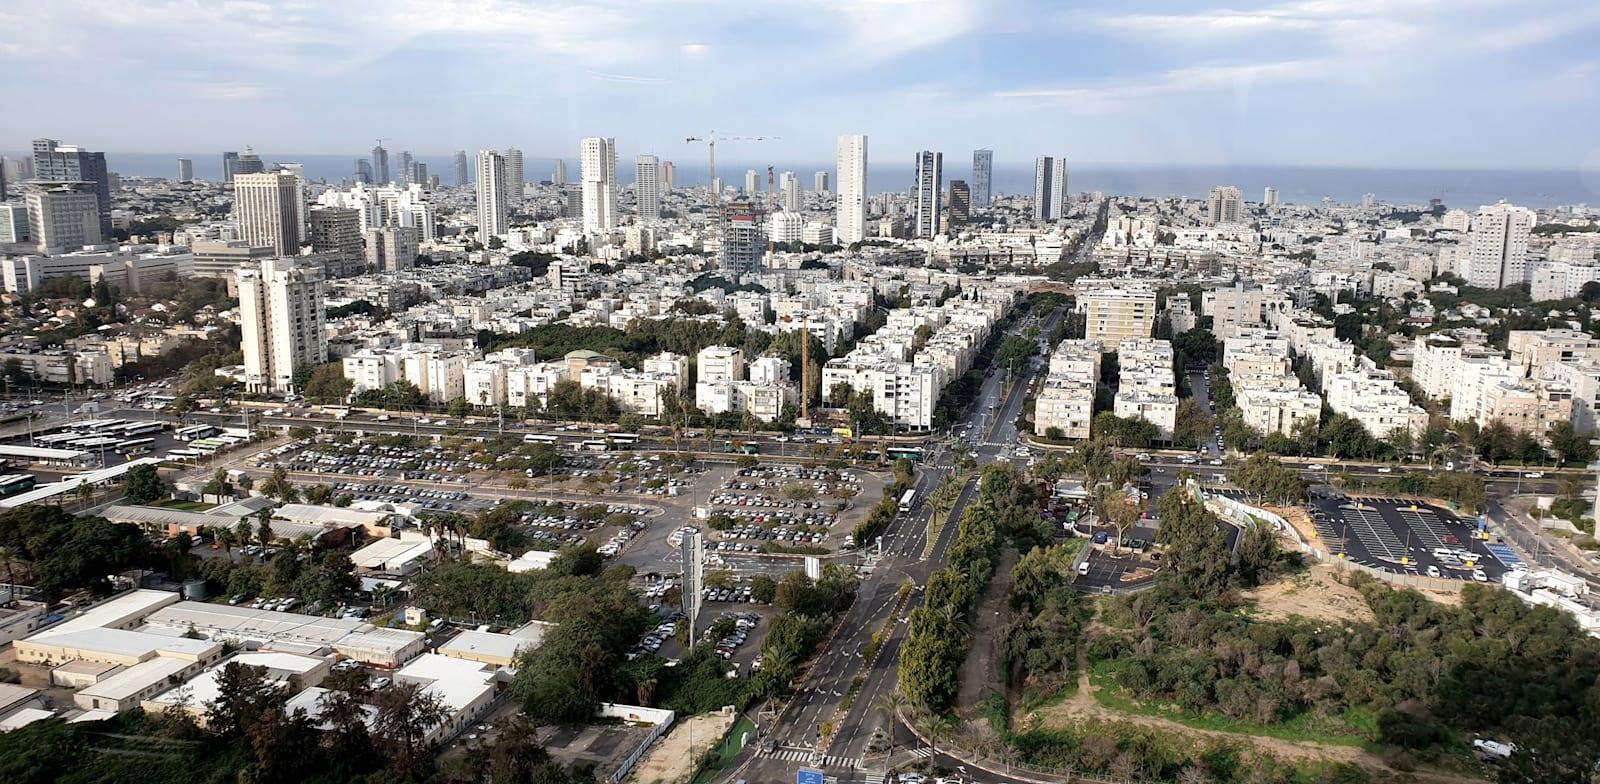 תל אביב. יש צורך מוחשי בשינוי דרסטי בתכנון התשתיות העירוניות / צילום: גיא ליברמן